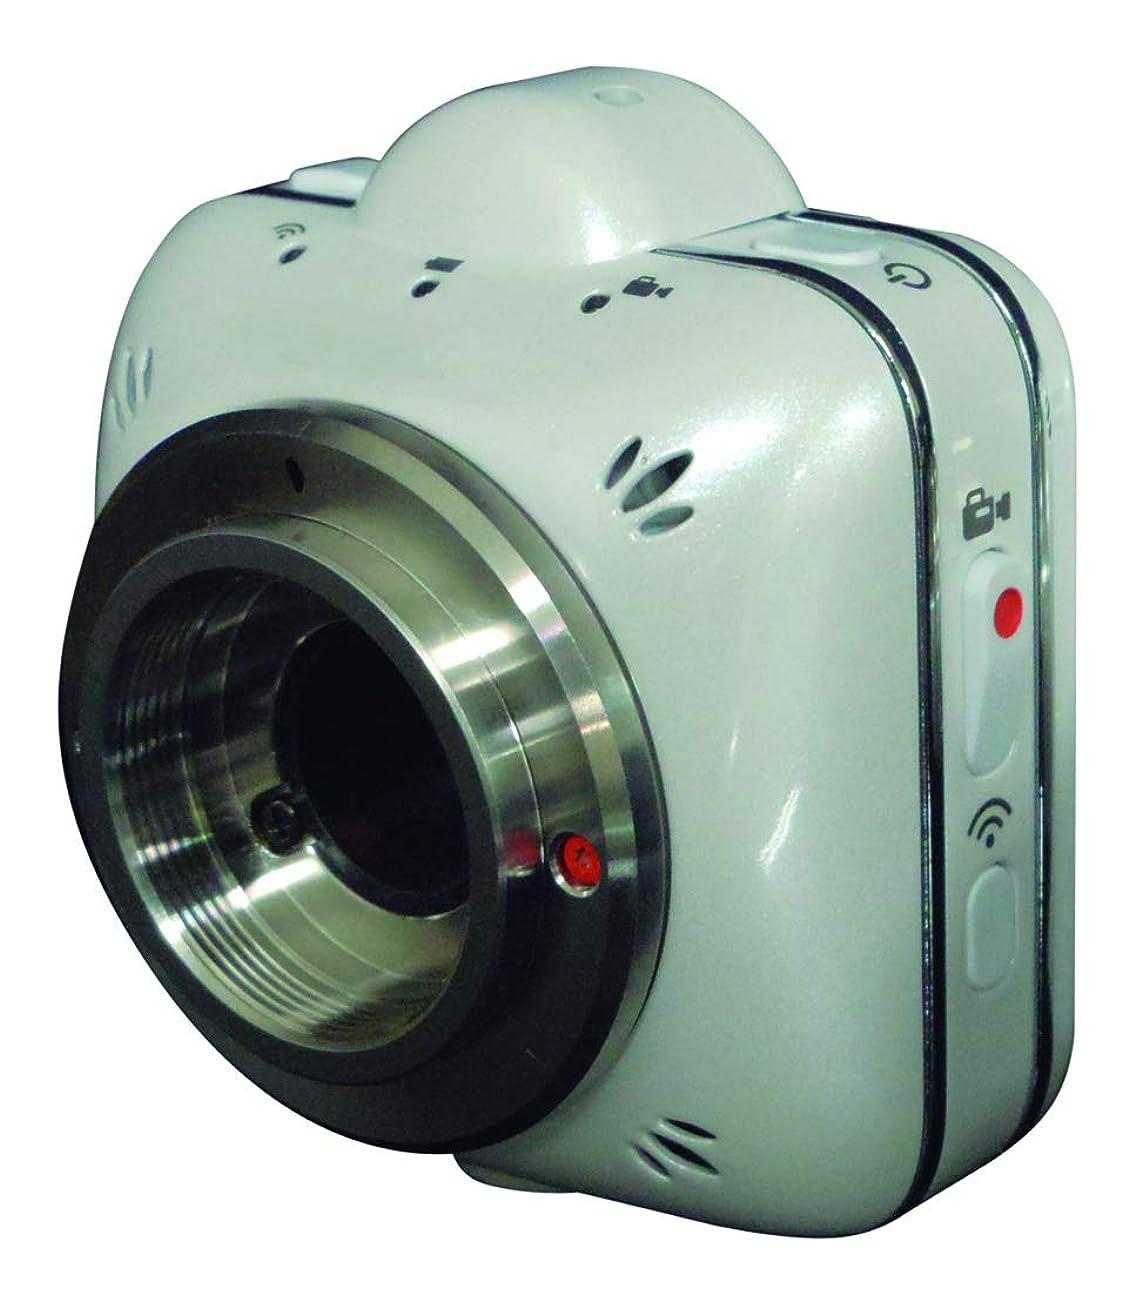 アート正確さビートカートン光学 マイクロ映像システム顕微鏡撮影用カメラ Wi-fi接続/HDMI接続